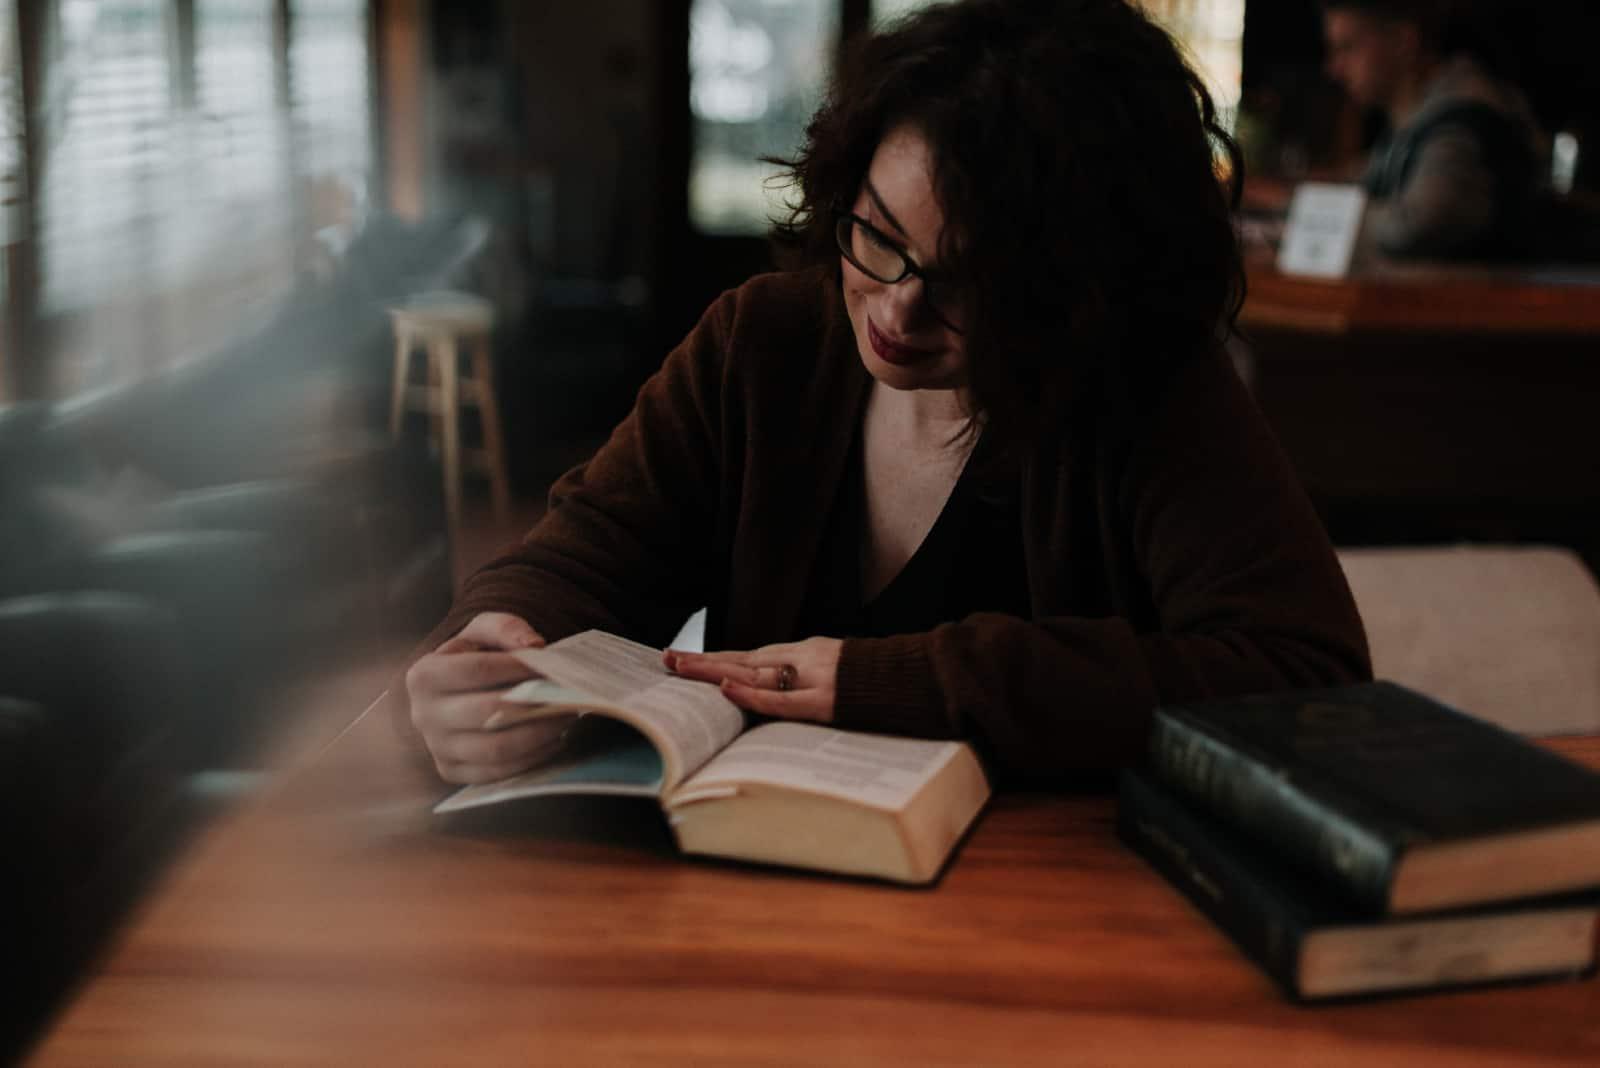 Femme lisant un livre assise à une table